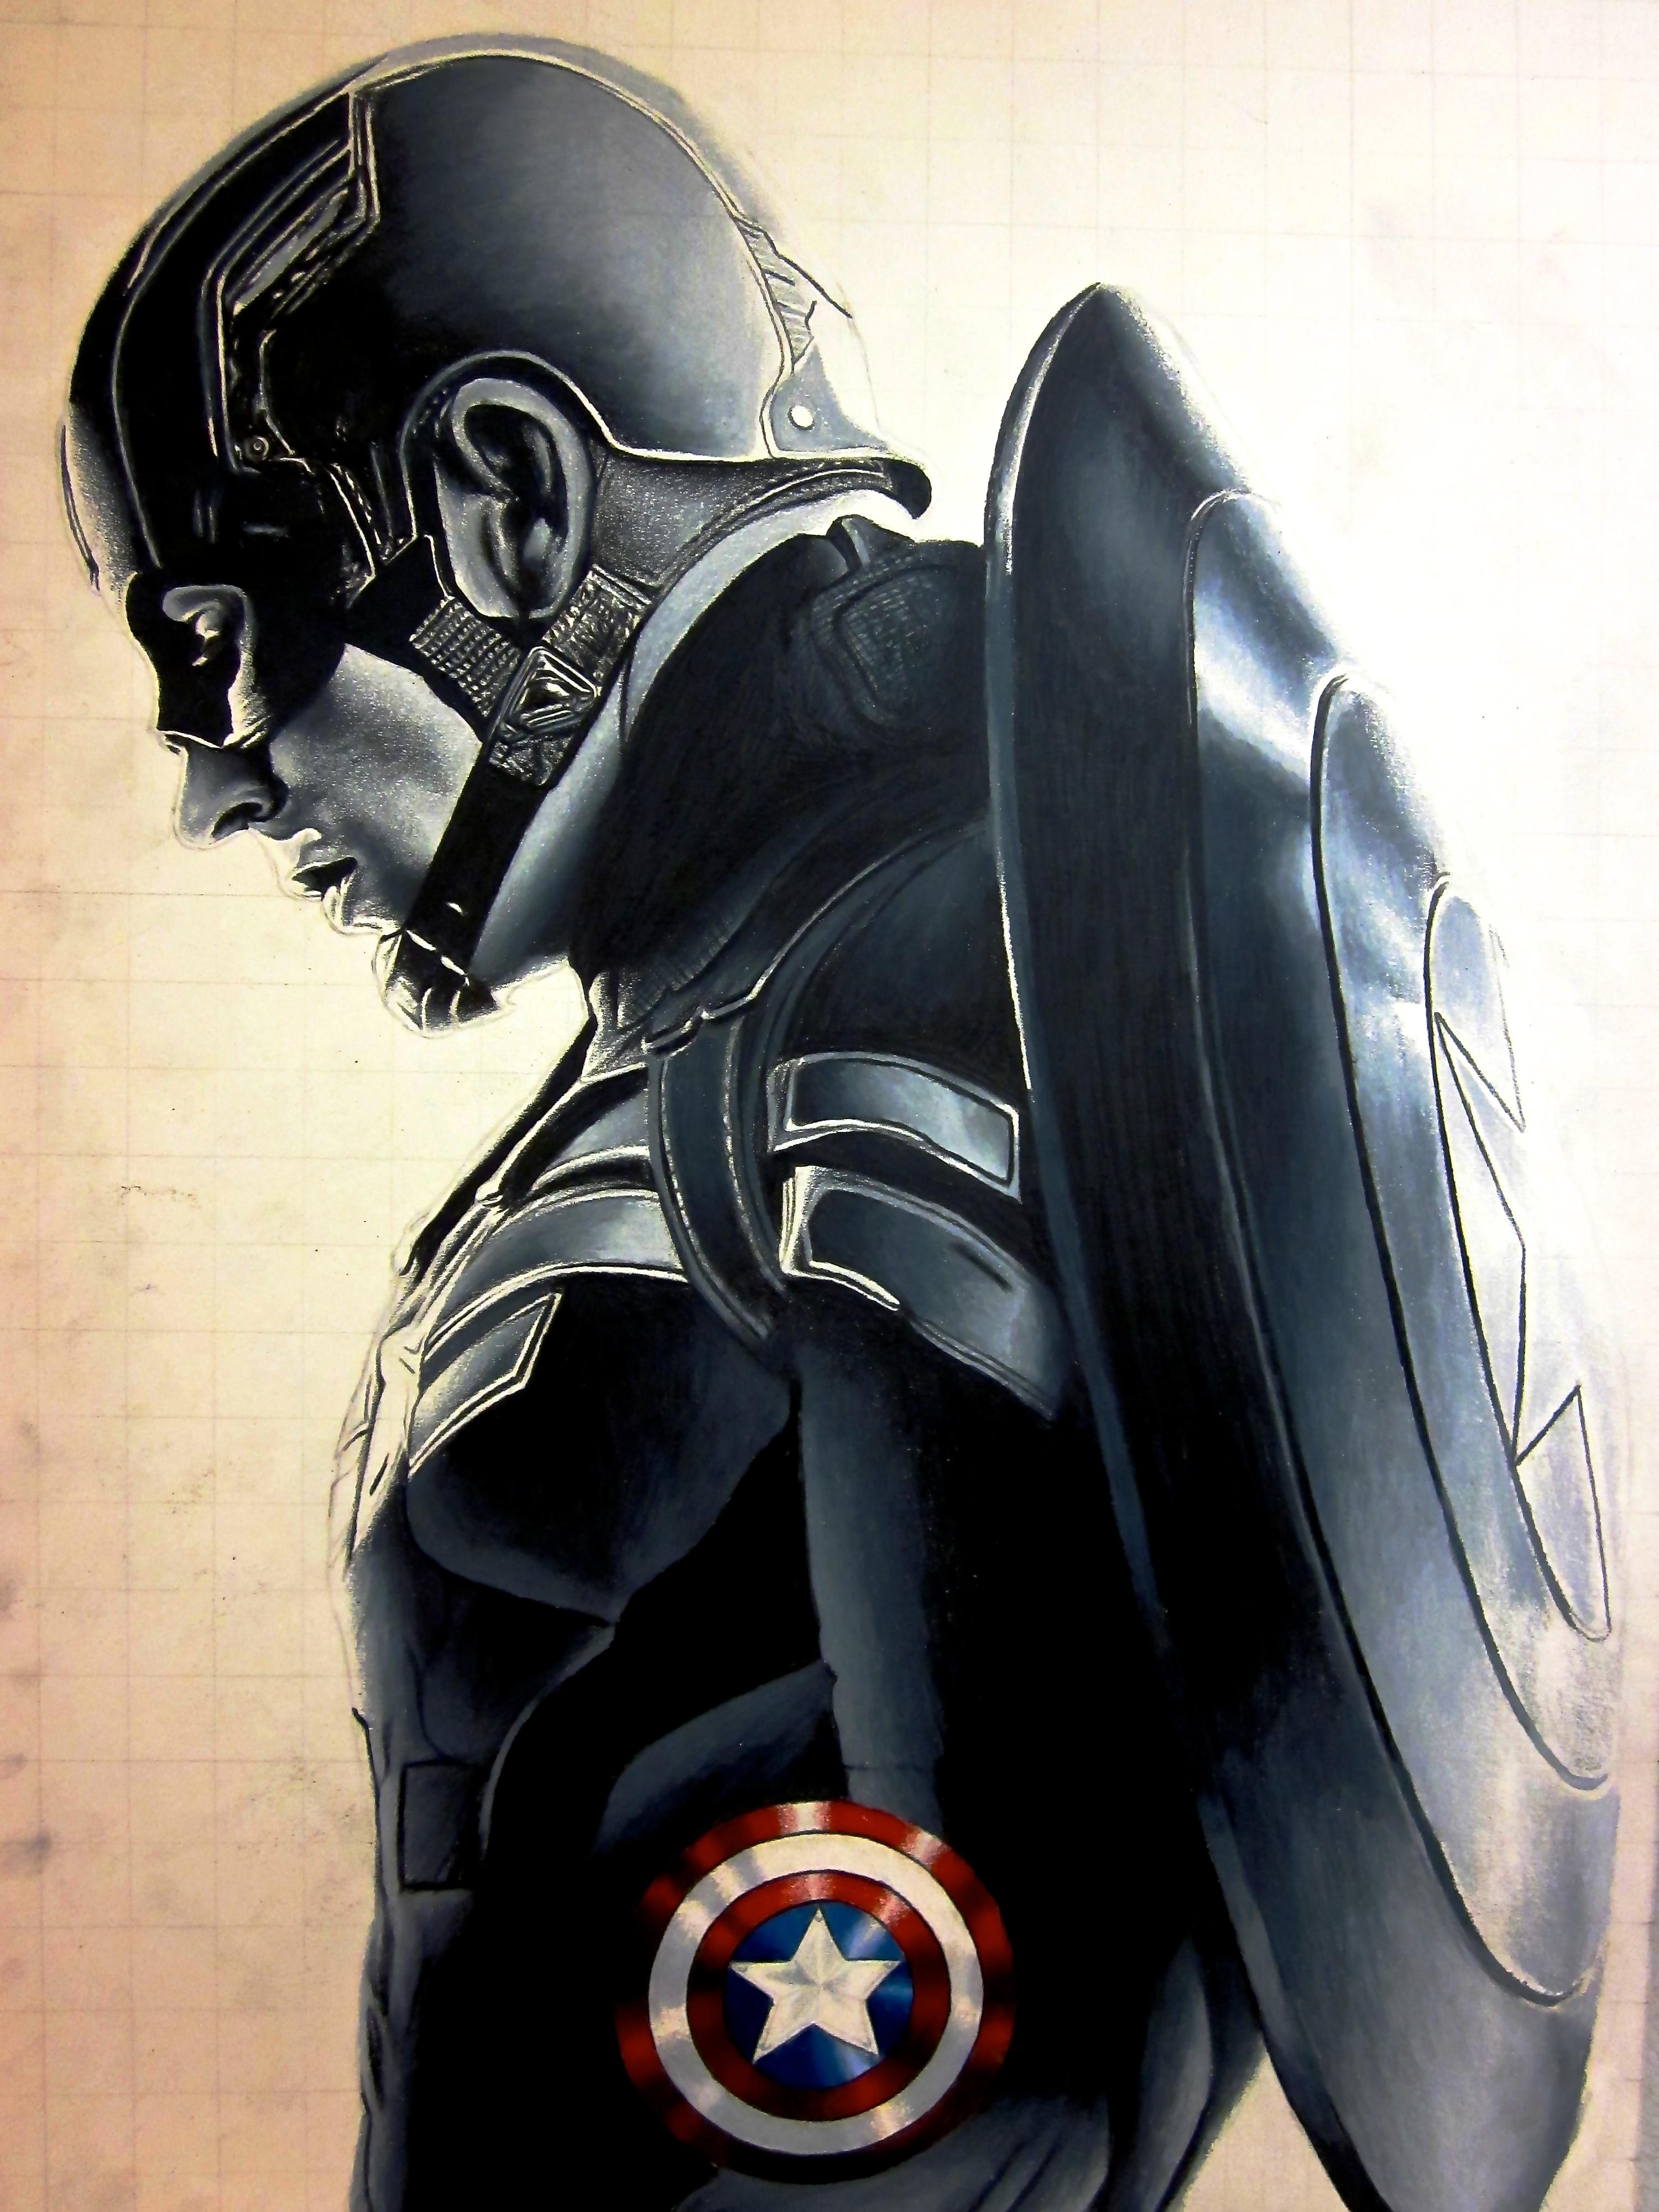 Capit n am rica soldado del invierno arte martinmrochaart for Captain america